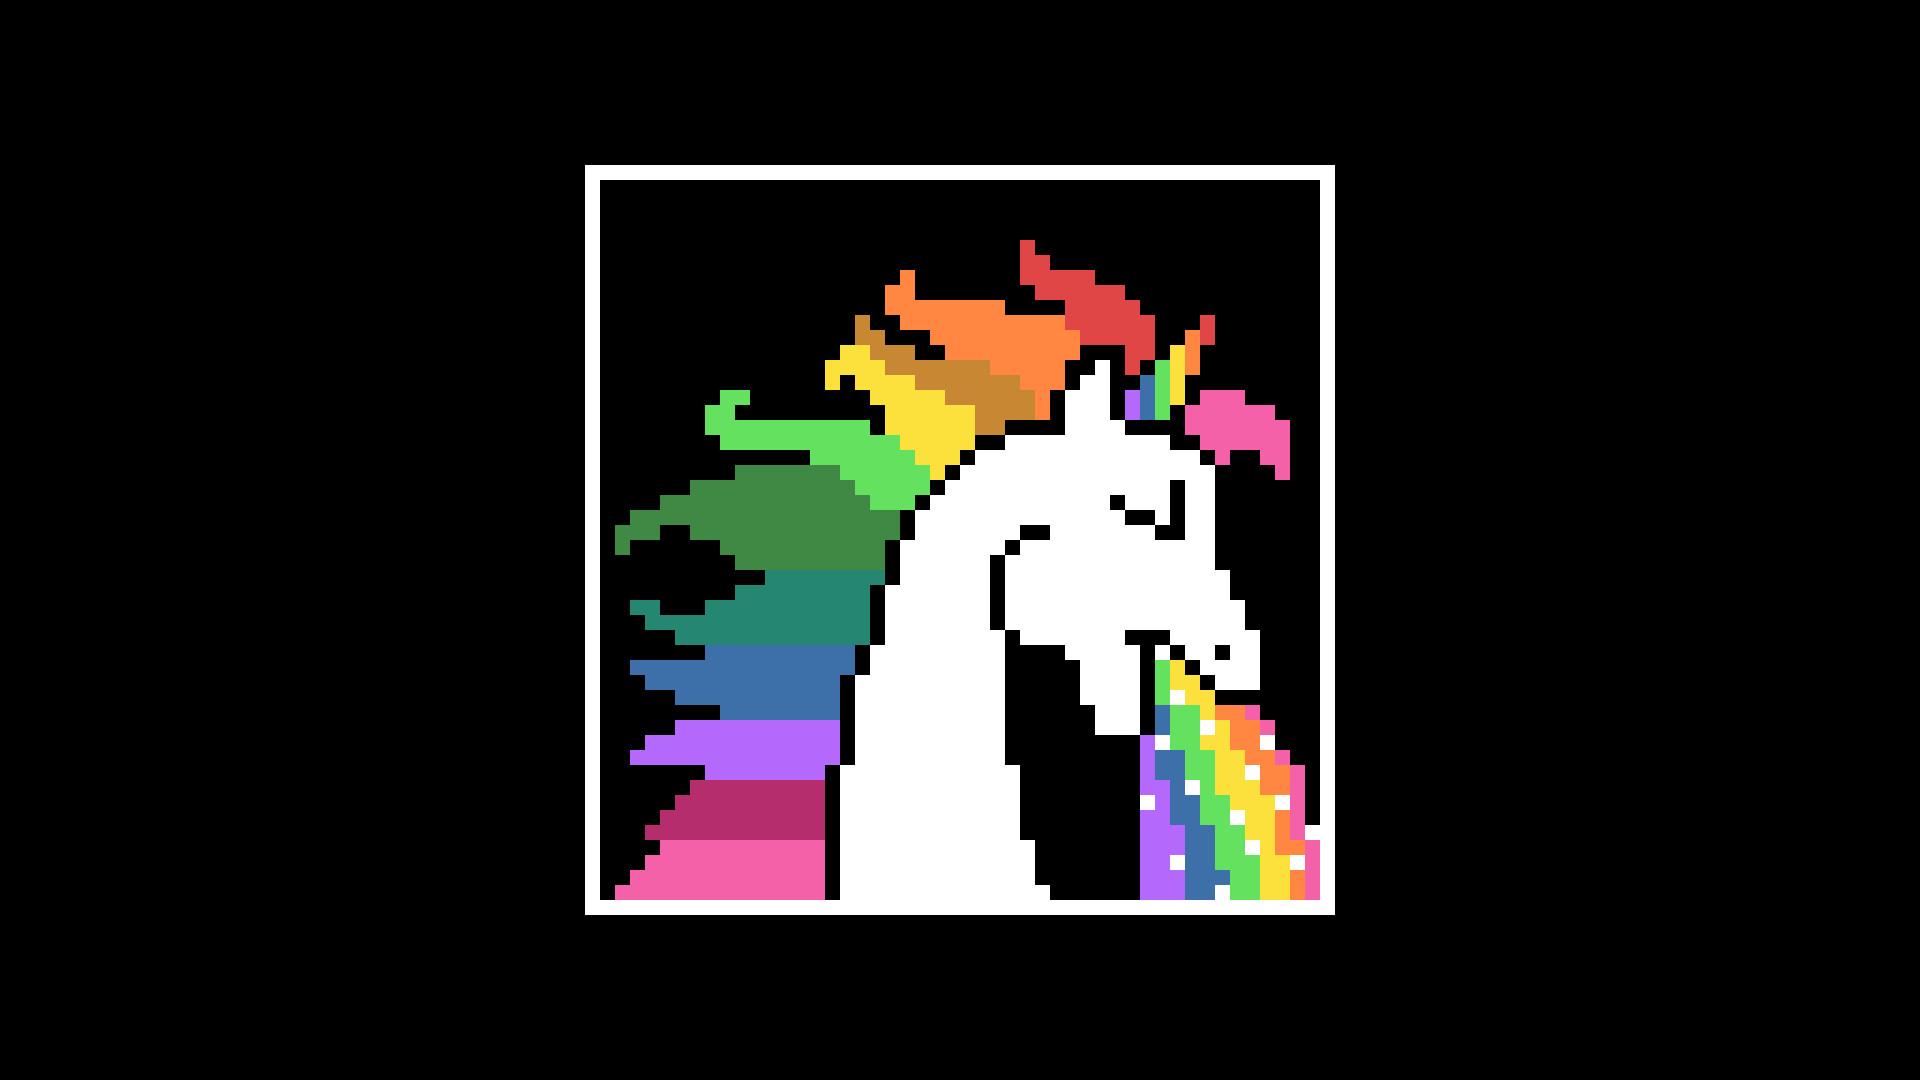 Sfondi unicorni immagini